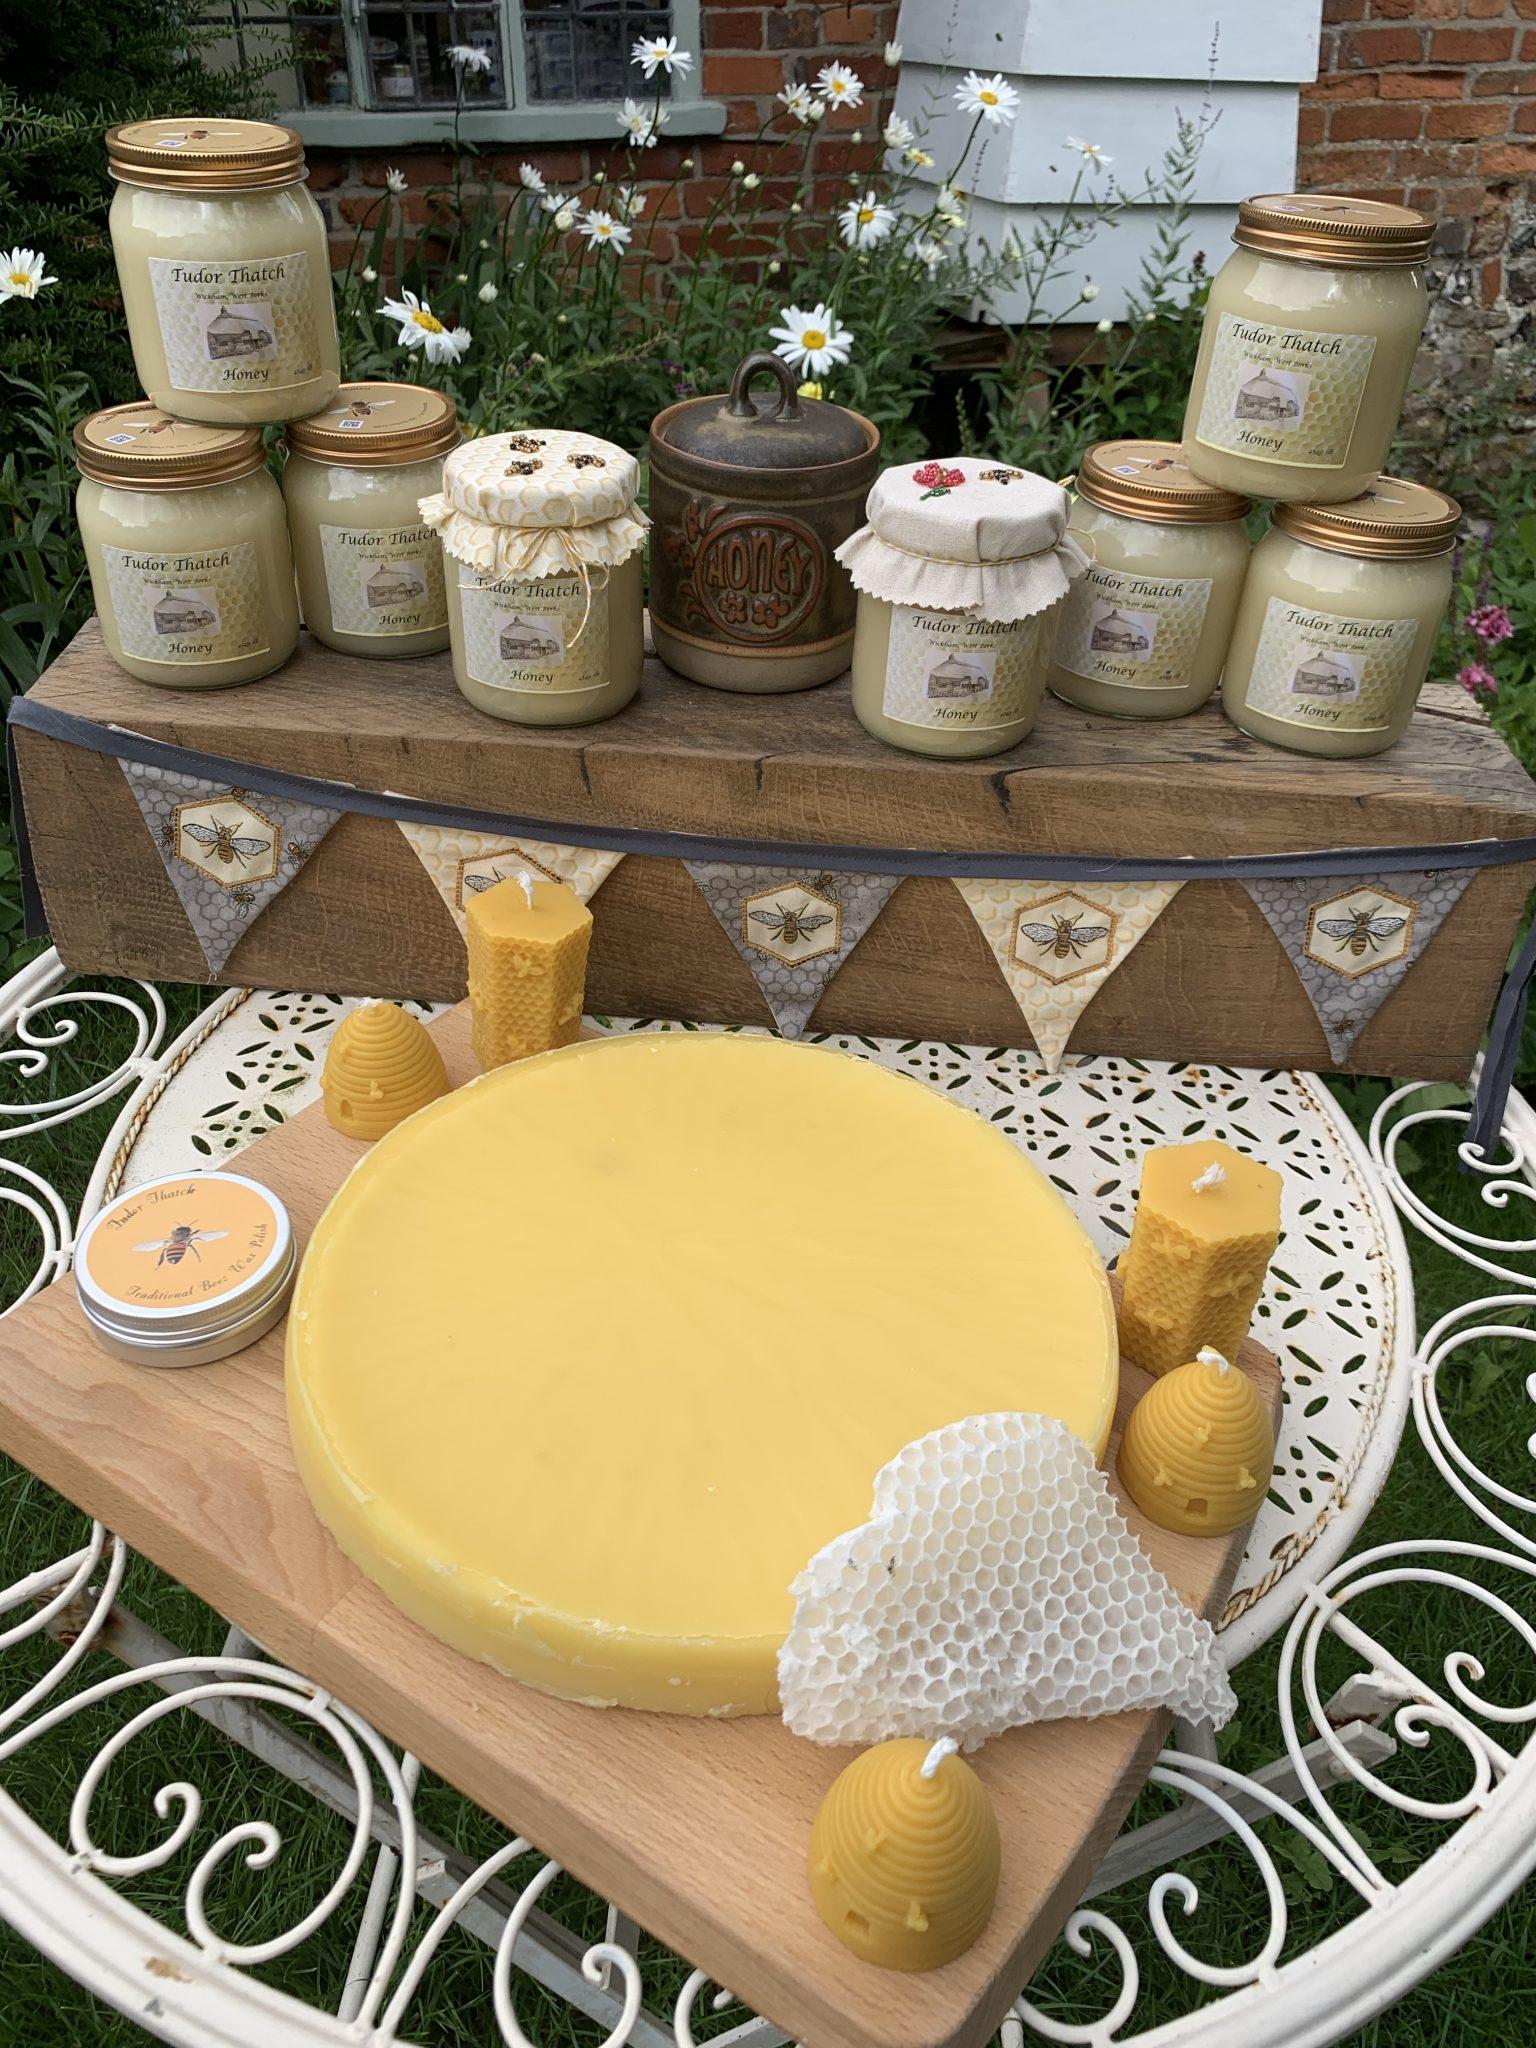 Tudor Thatch Honey